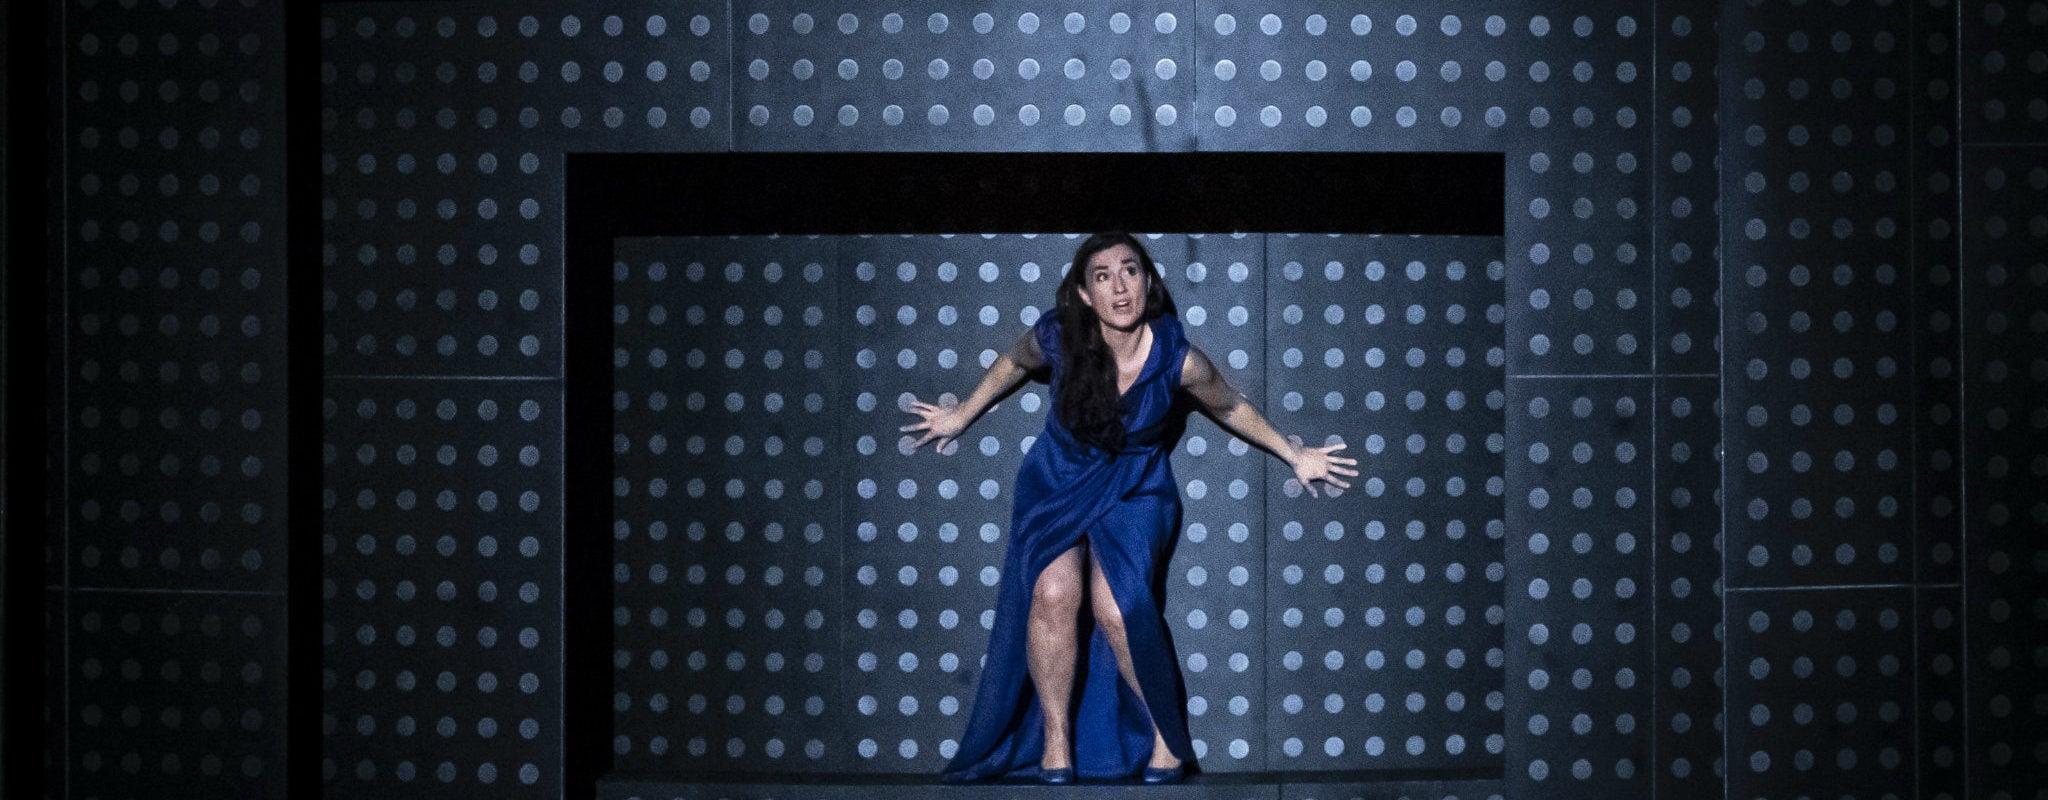 Avec Pelléas et Mélisande, l'opéra en raffinement, entre féerie et mystère